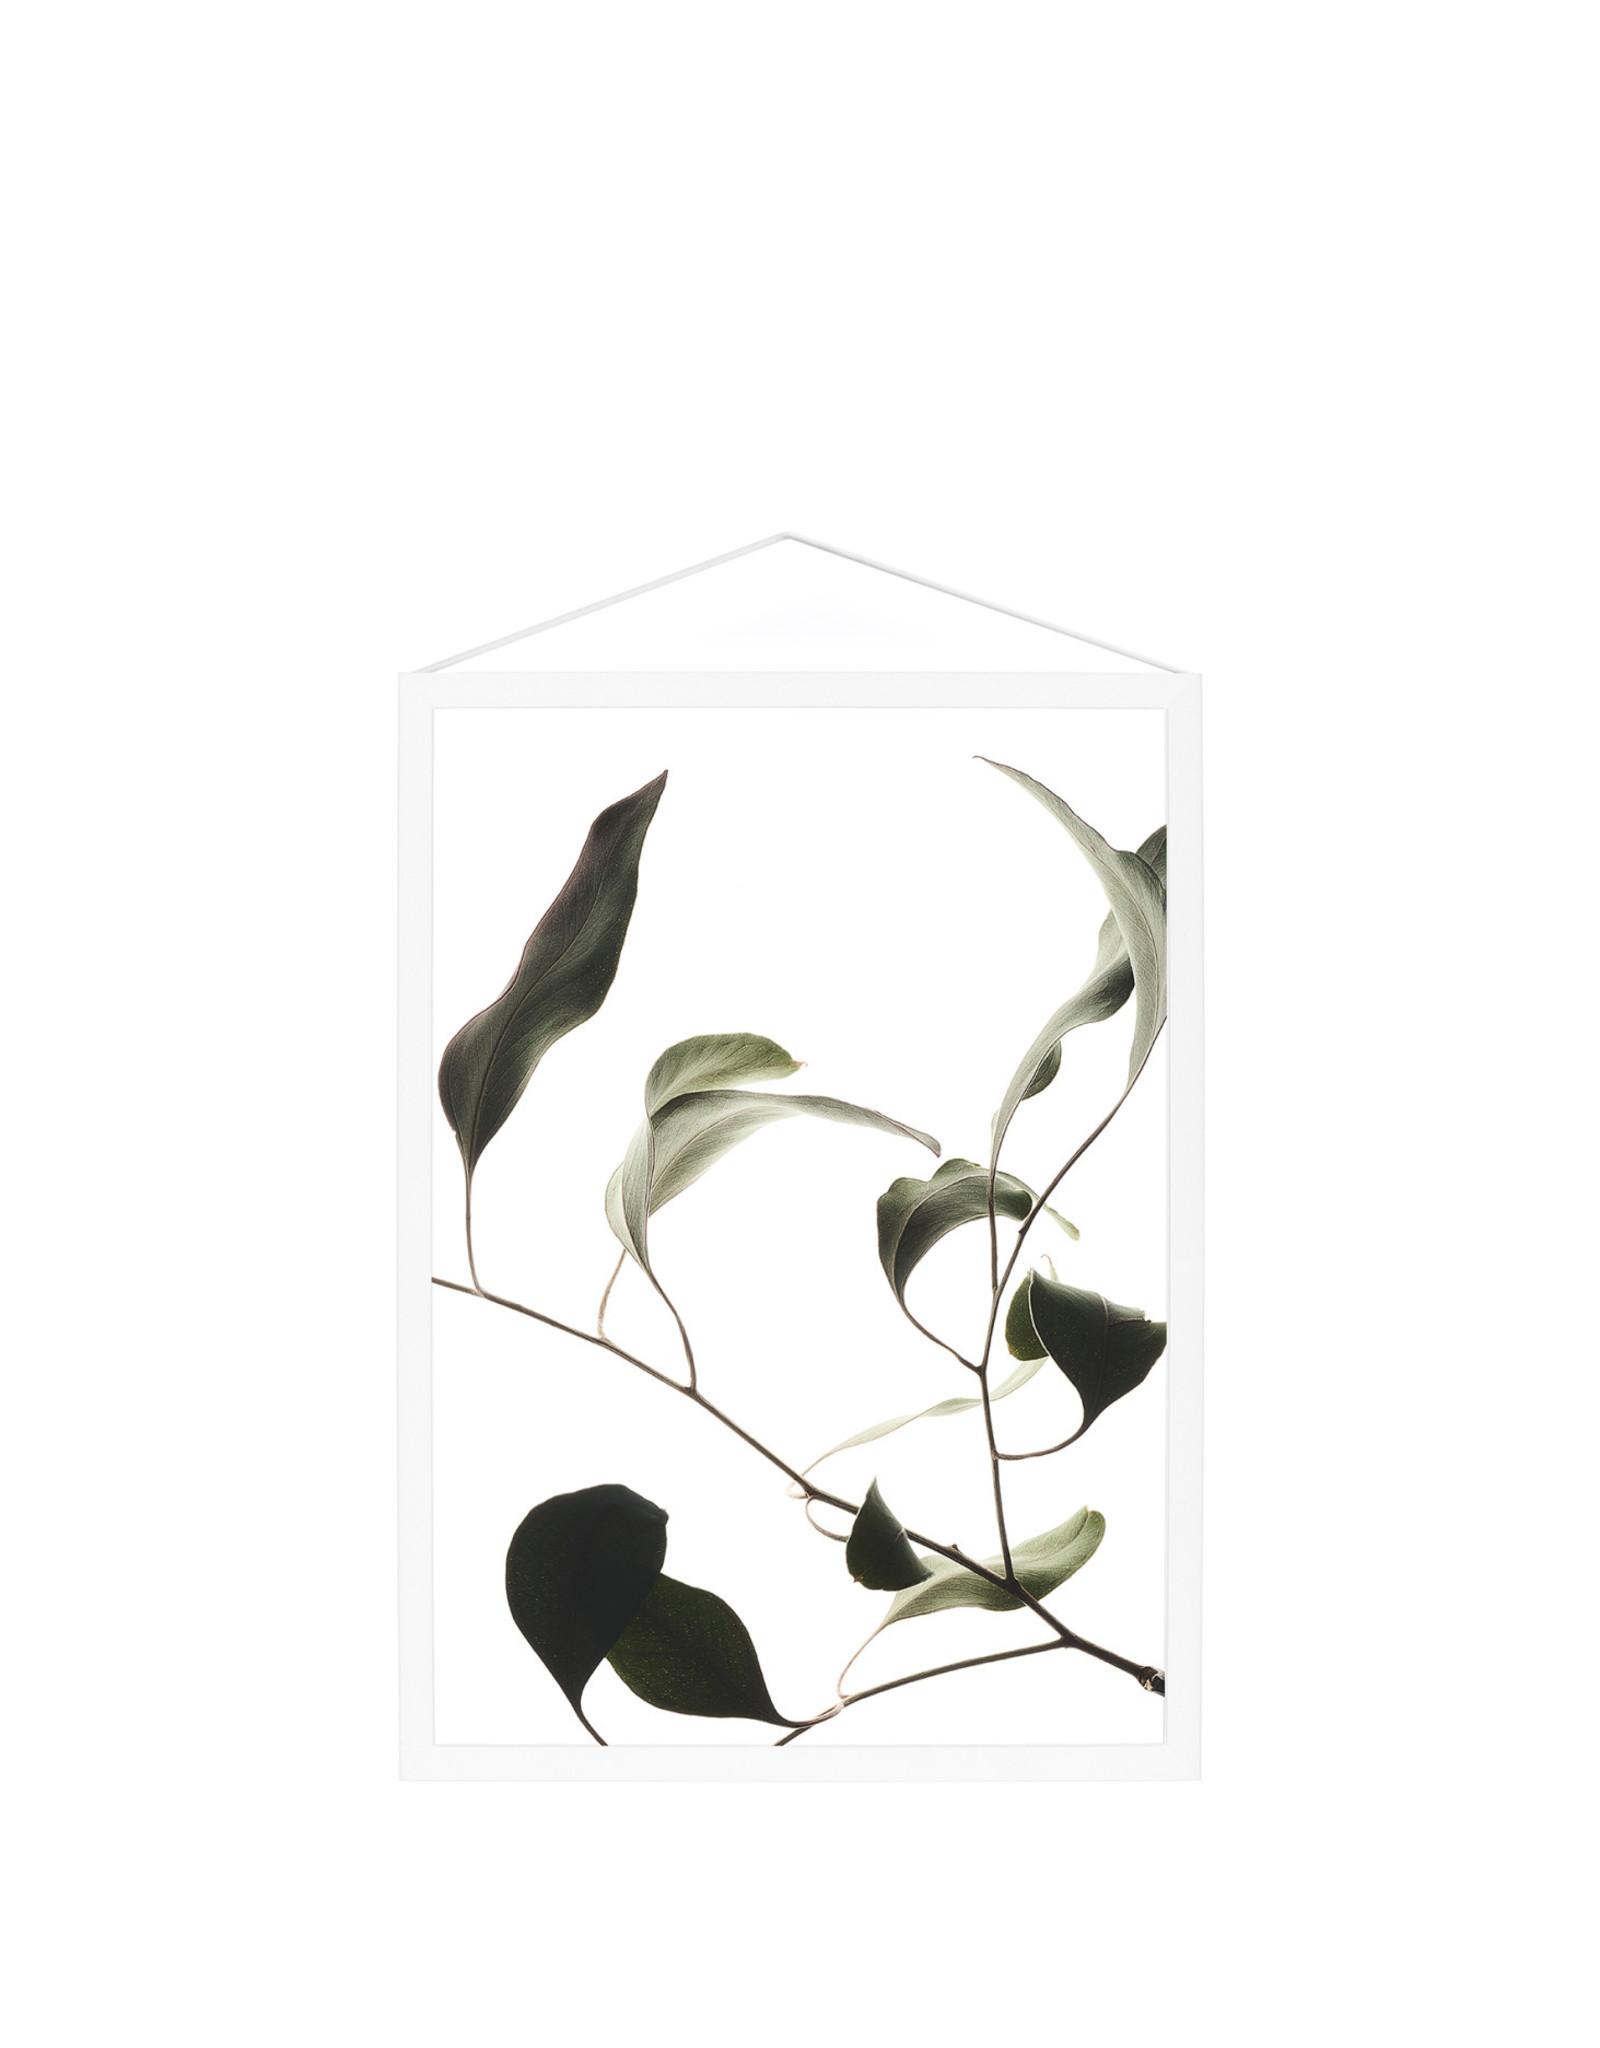 Moebe Moebe Floating Leaves 09 A4